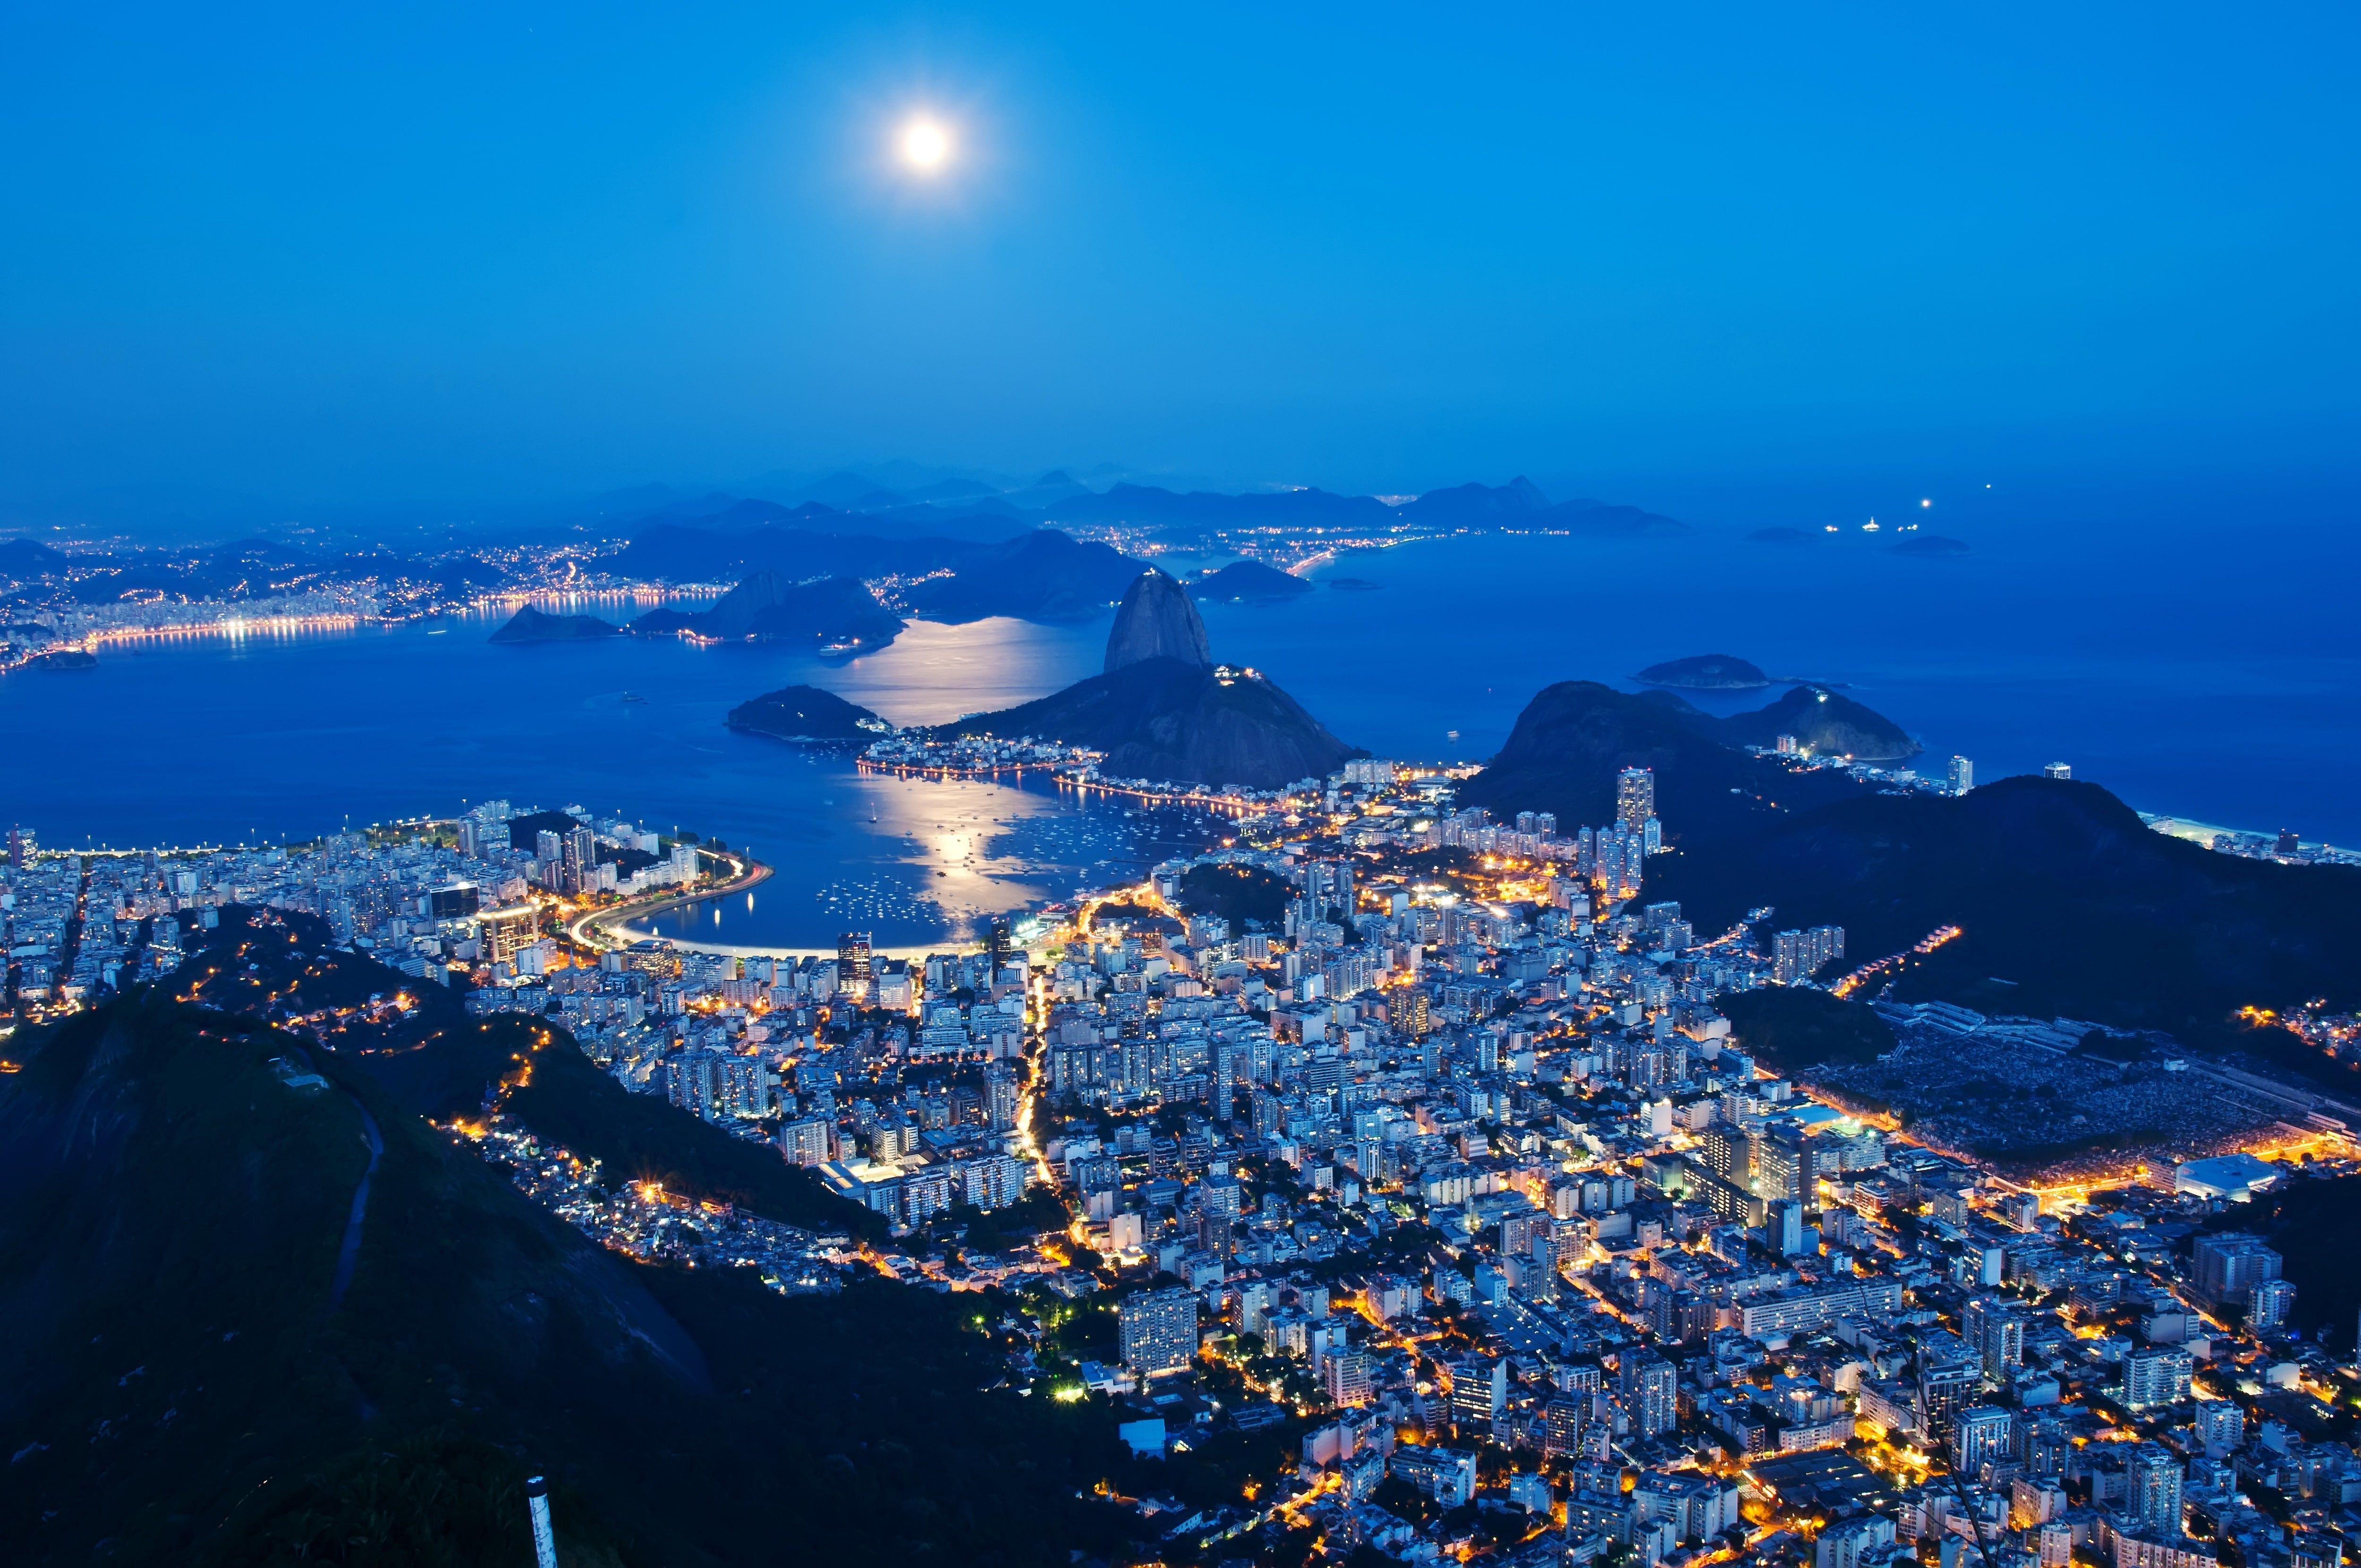 Cityscape At Night Wallpaper Rio De Janeiro Night City 4k Wallpaper Hdwallpaper Desktop Fotos Do Rio Rio De Janeiro Rio